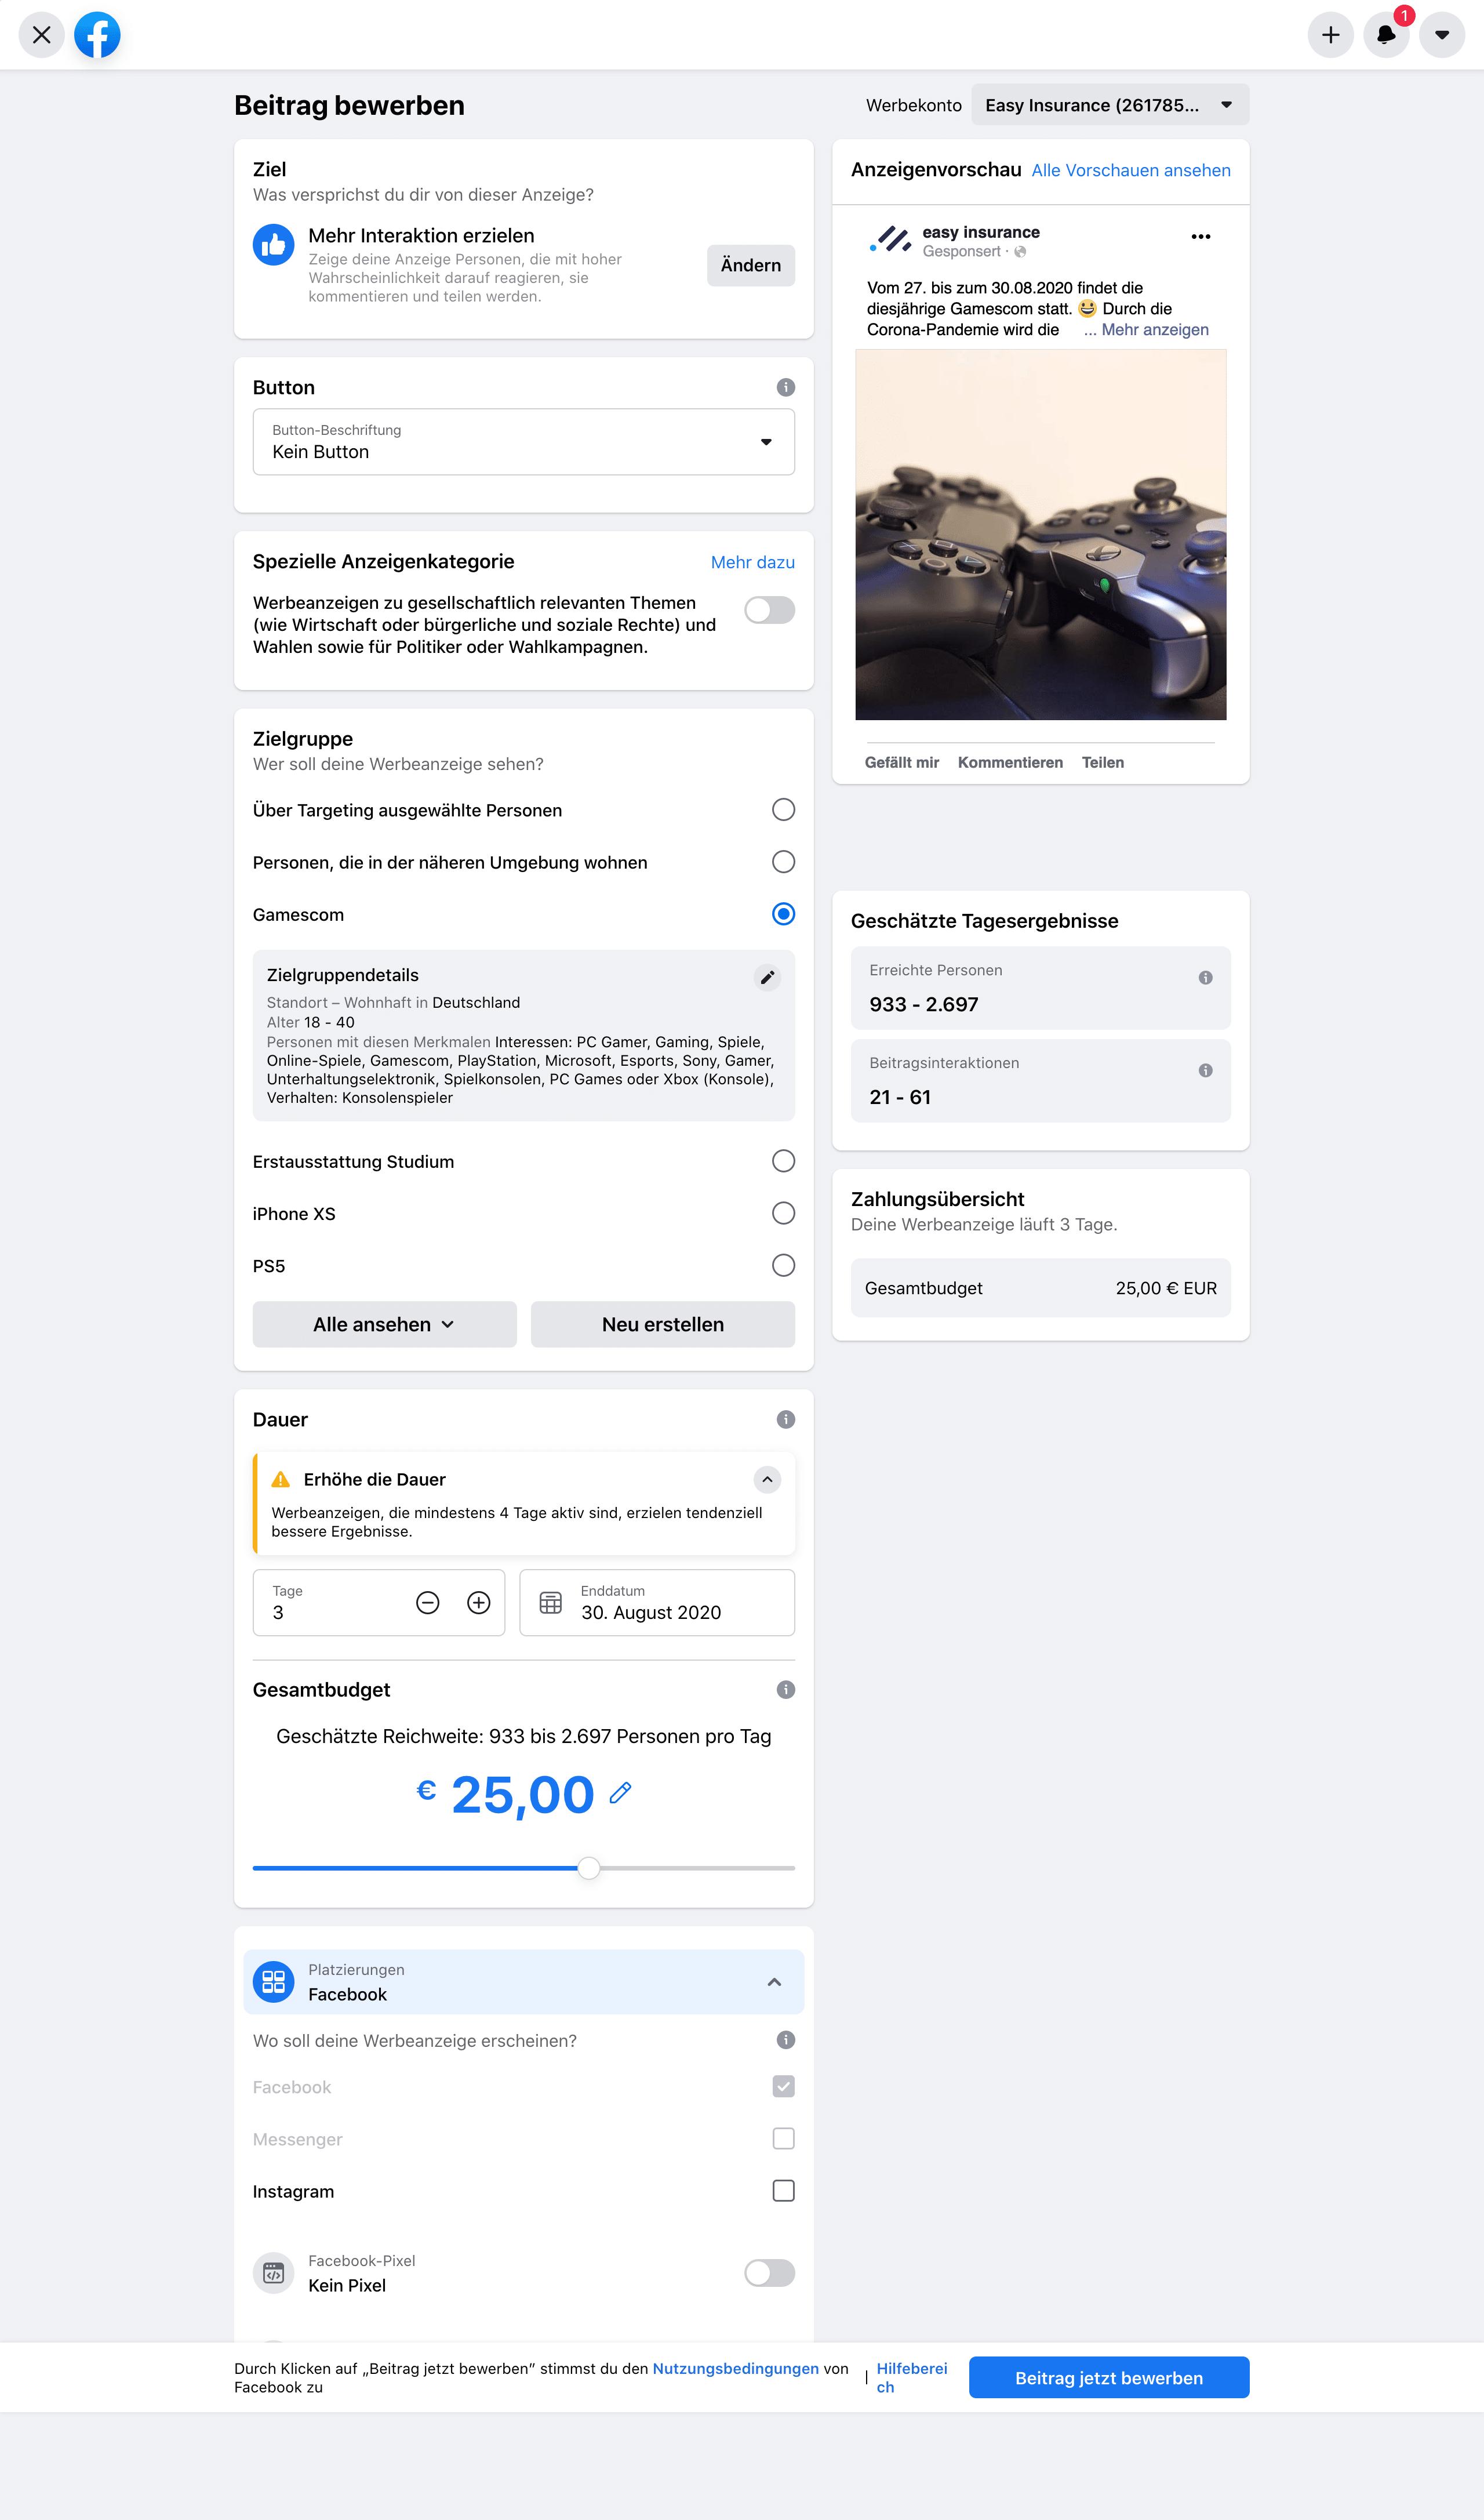 Beispiel – Einstellungsmöglichkeiten zur Bewerbung eines Facebook Beitrags